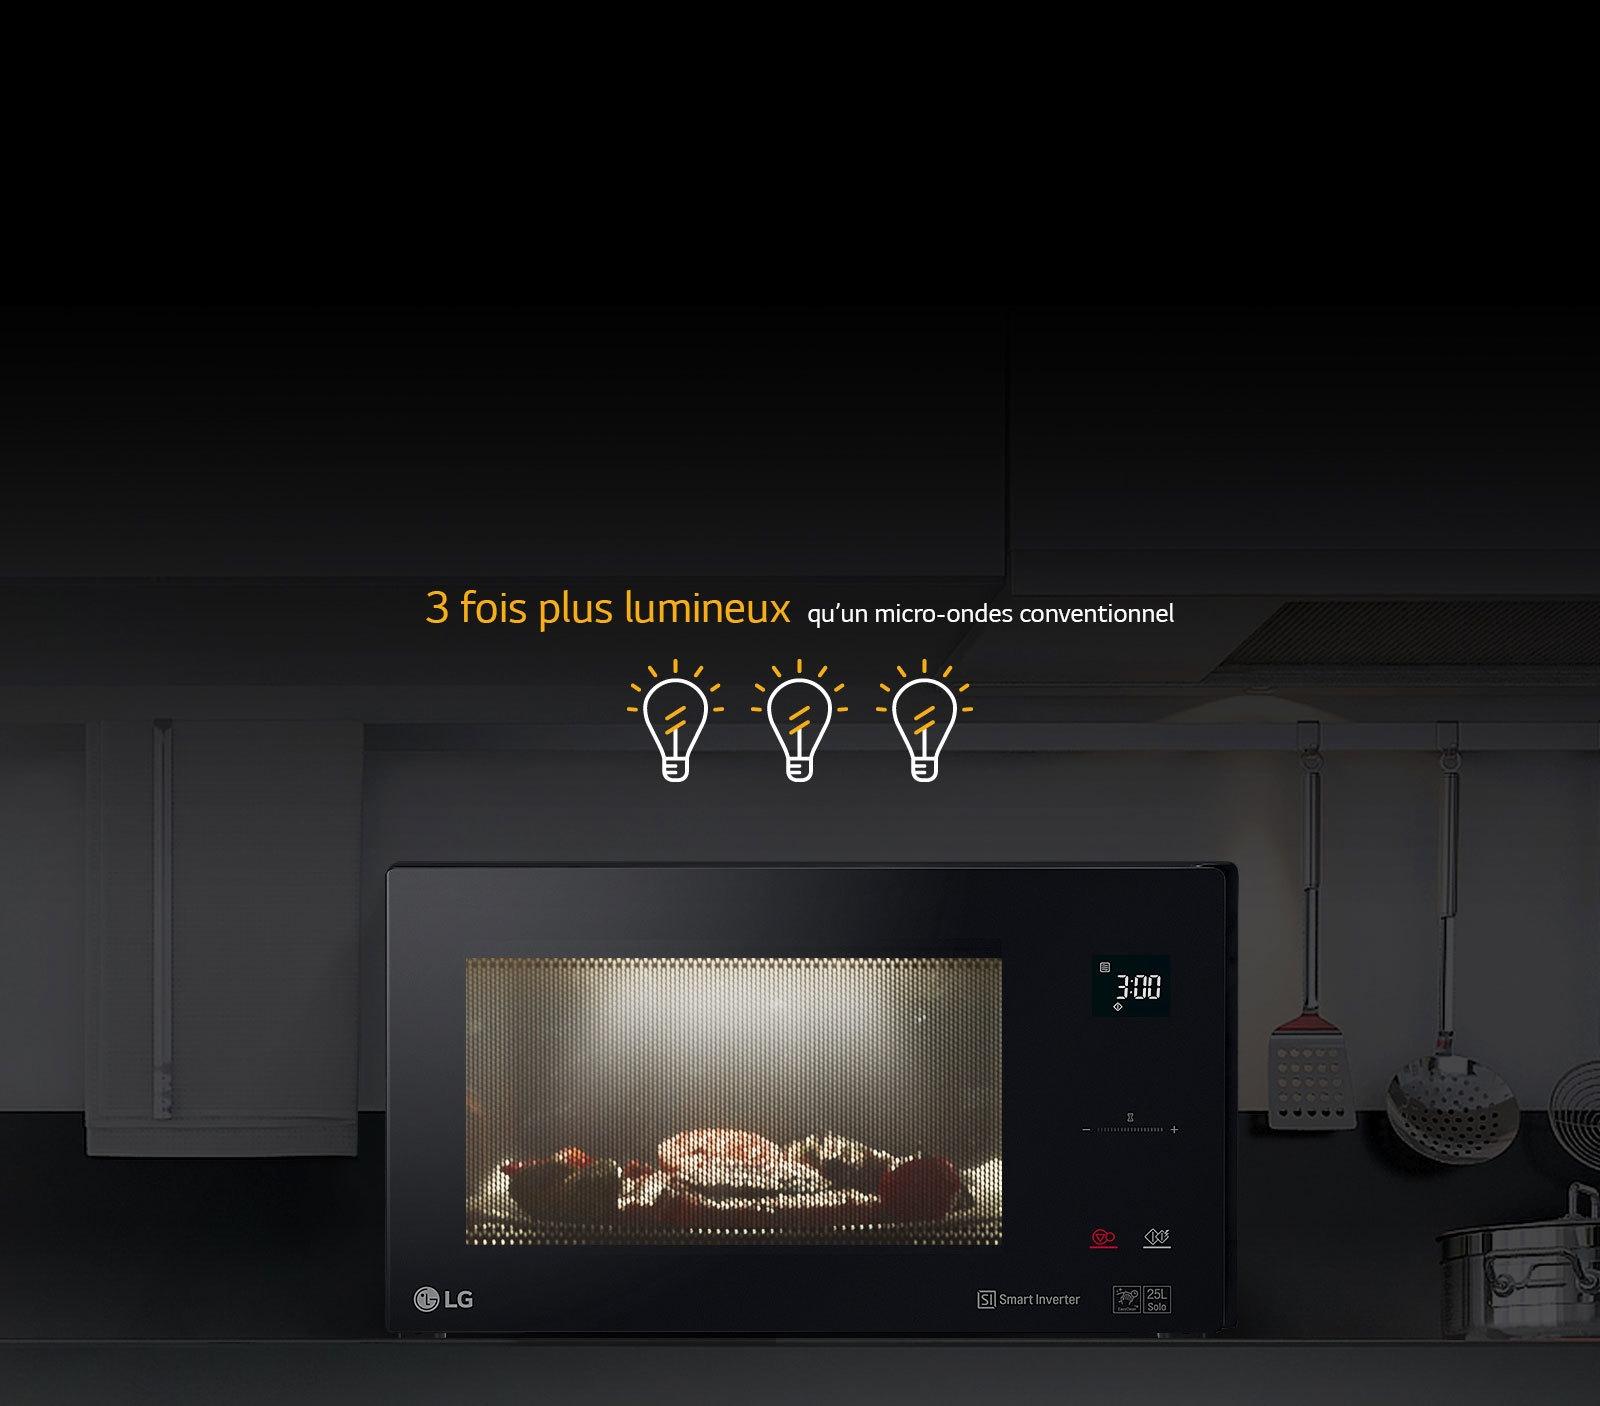 Eclairage LED intégré au micro-ondes